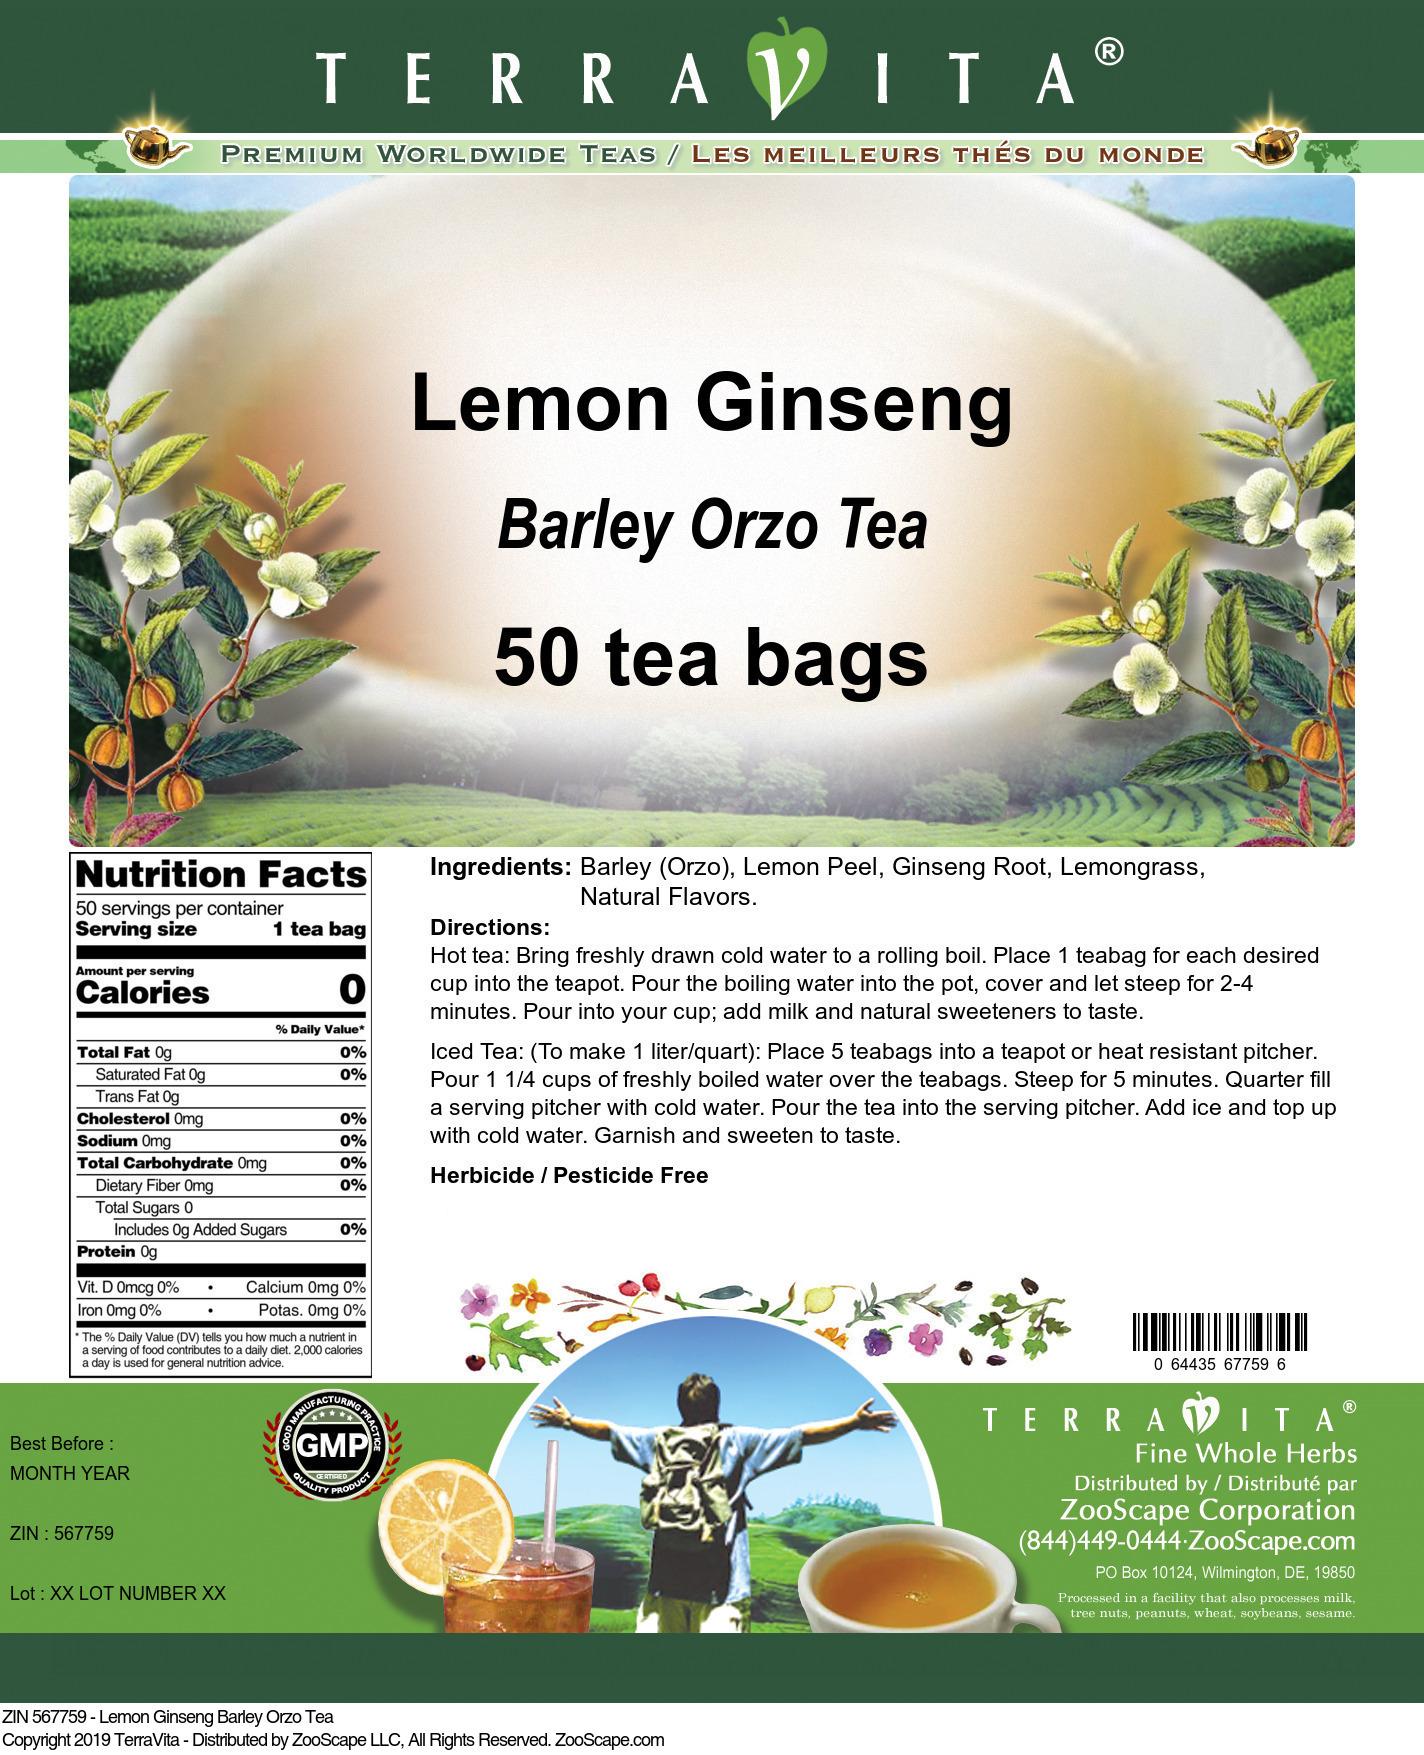 Lemon Ginseng Barley Orzo Tea